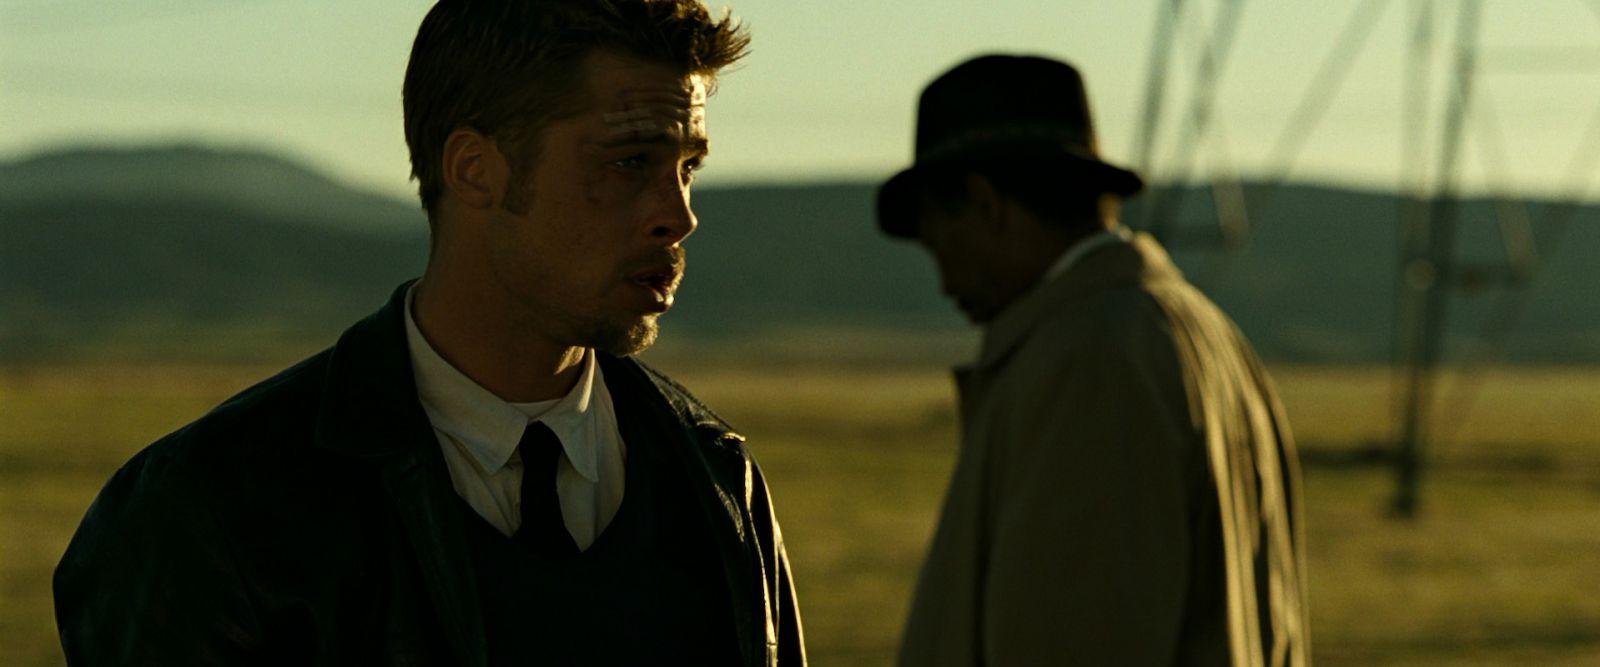 Seven Brad Pitt